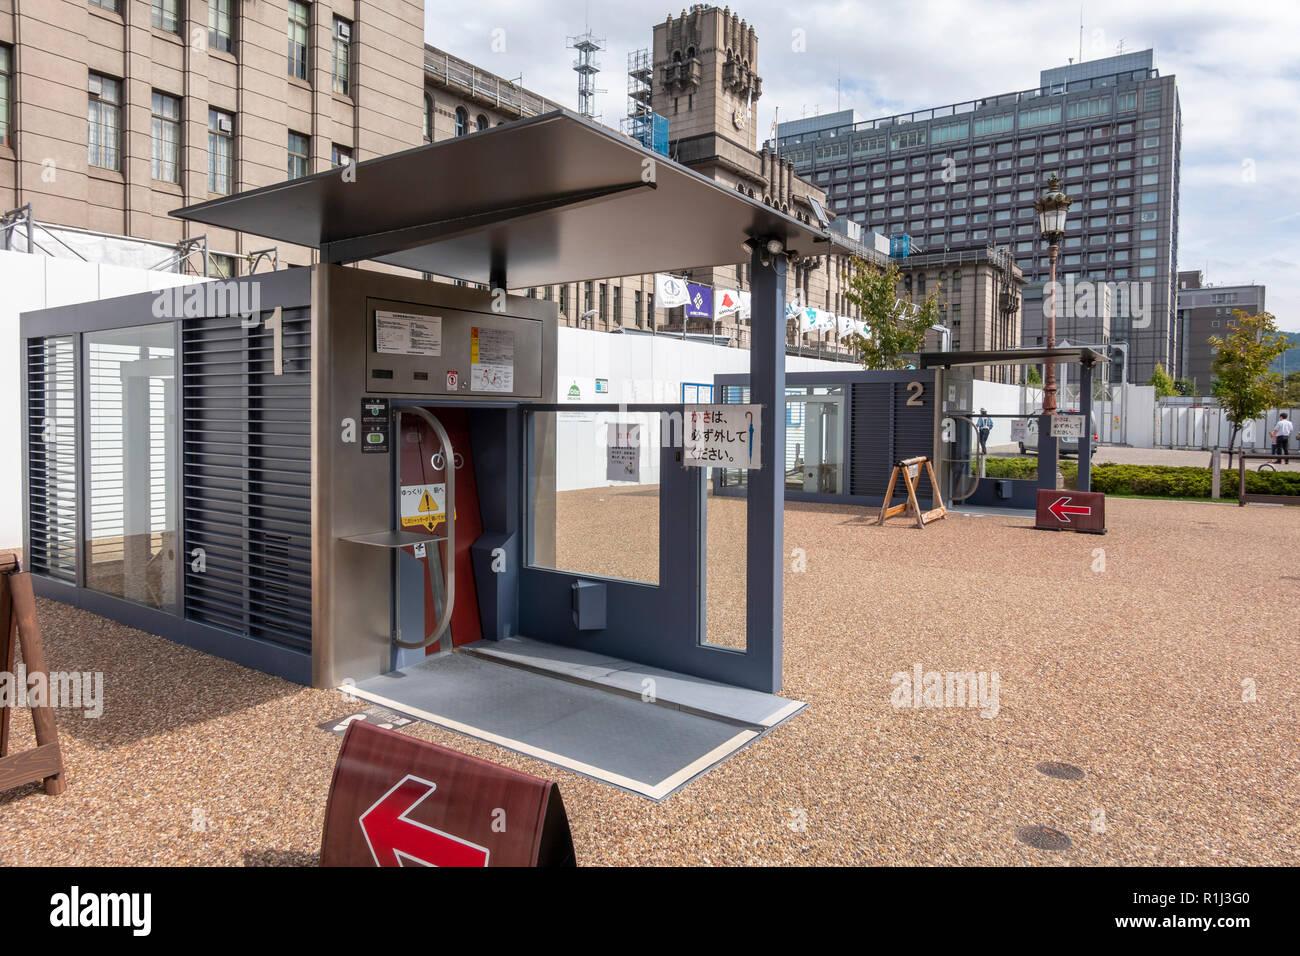 Eingang stand eines Giken Eco Cycle automatisierte U-Bahn Fahrradverleih Parkplatz vor der Stadt Kyoto, Japan. Stockfoto